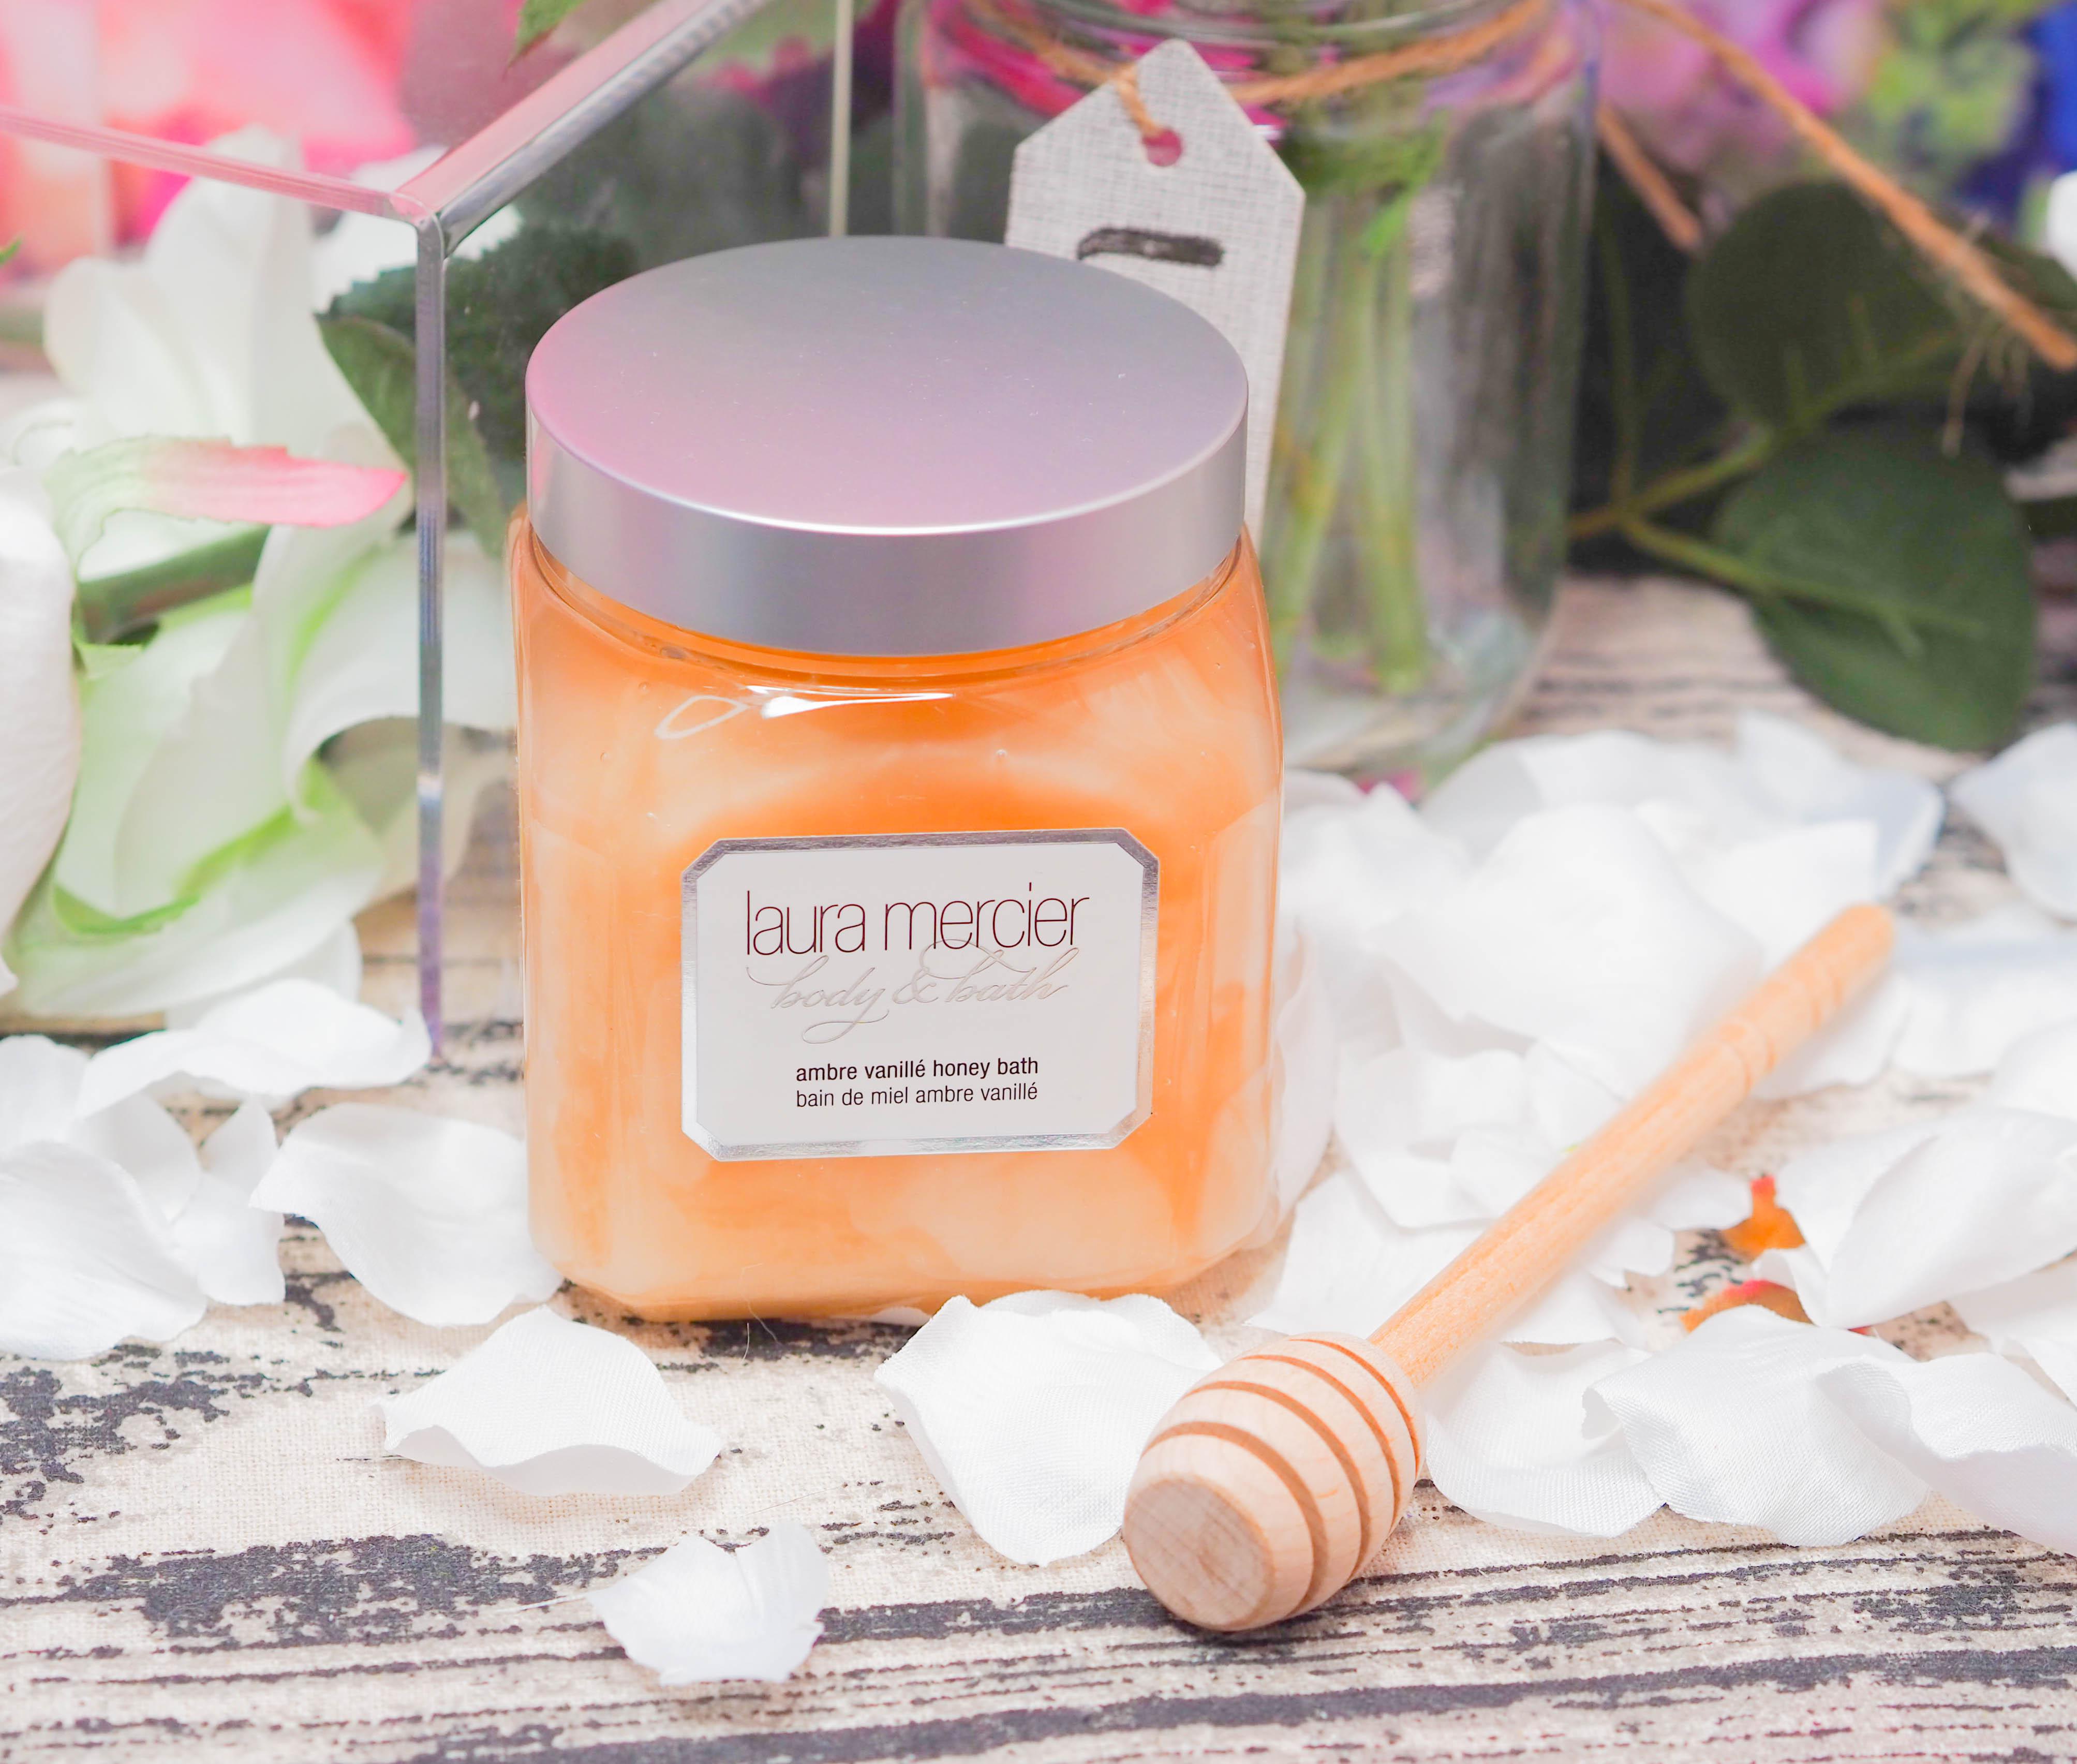 Laura Mercier Ambre Vanille Honey Bath